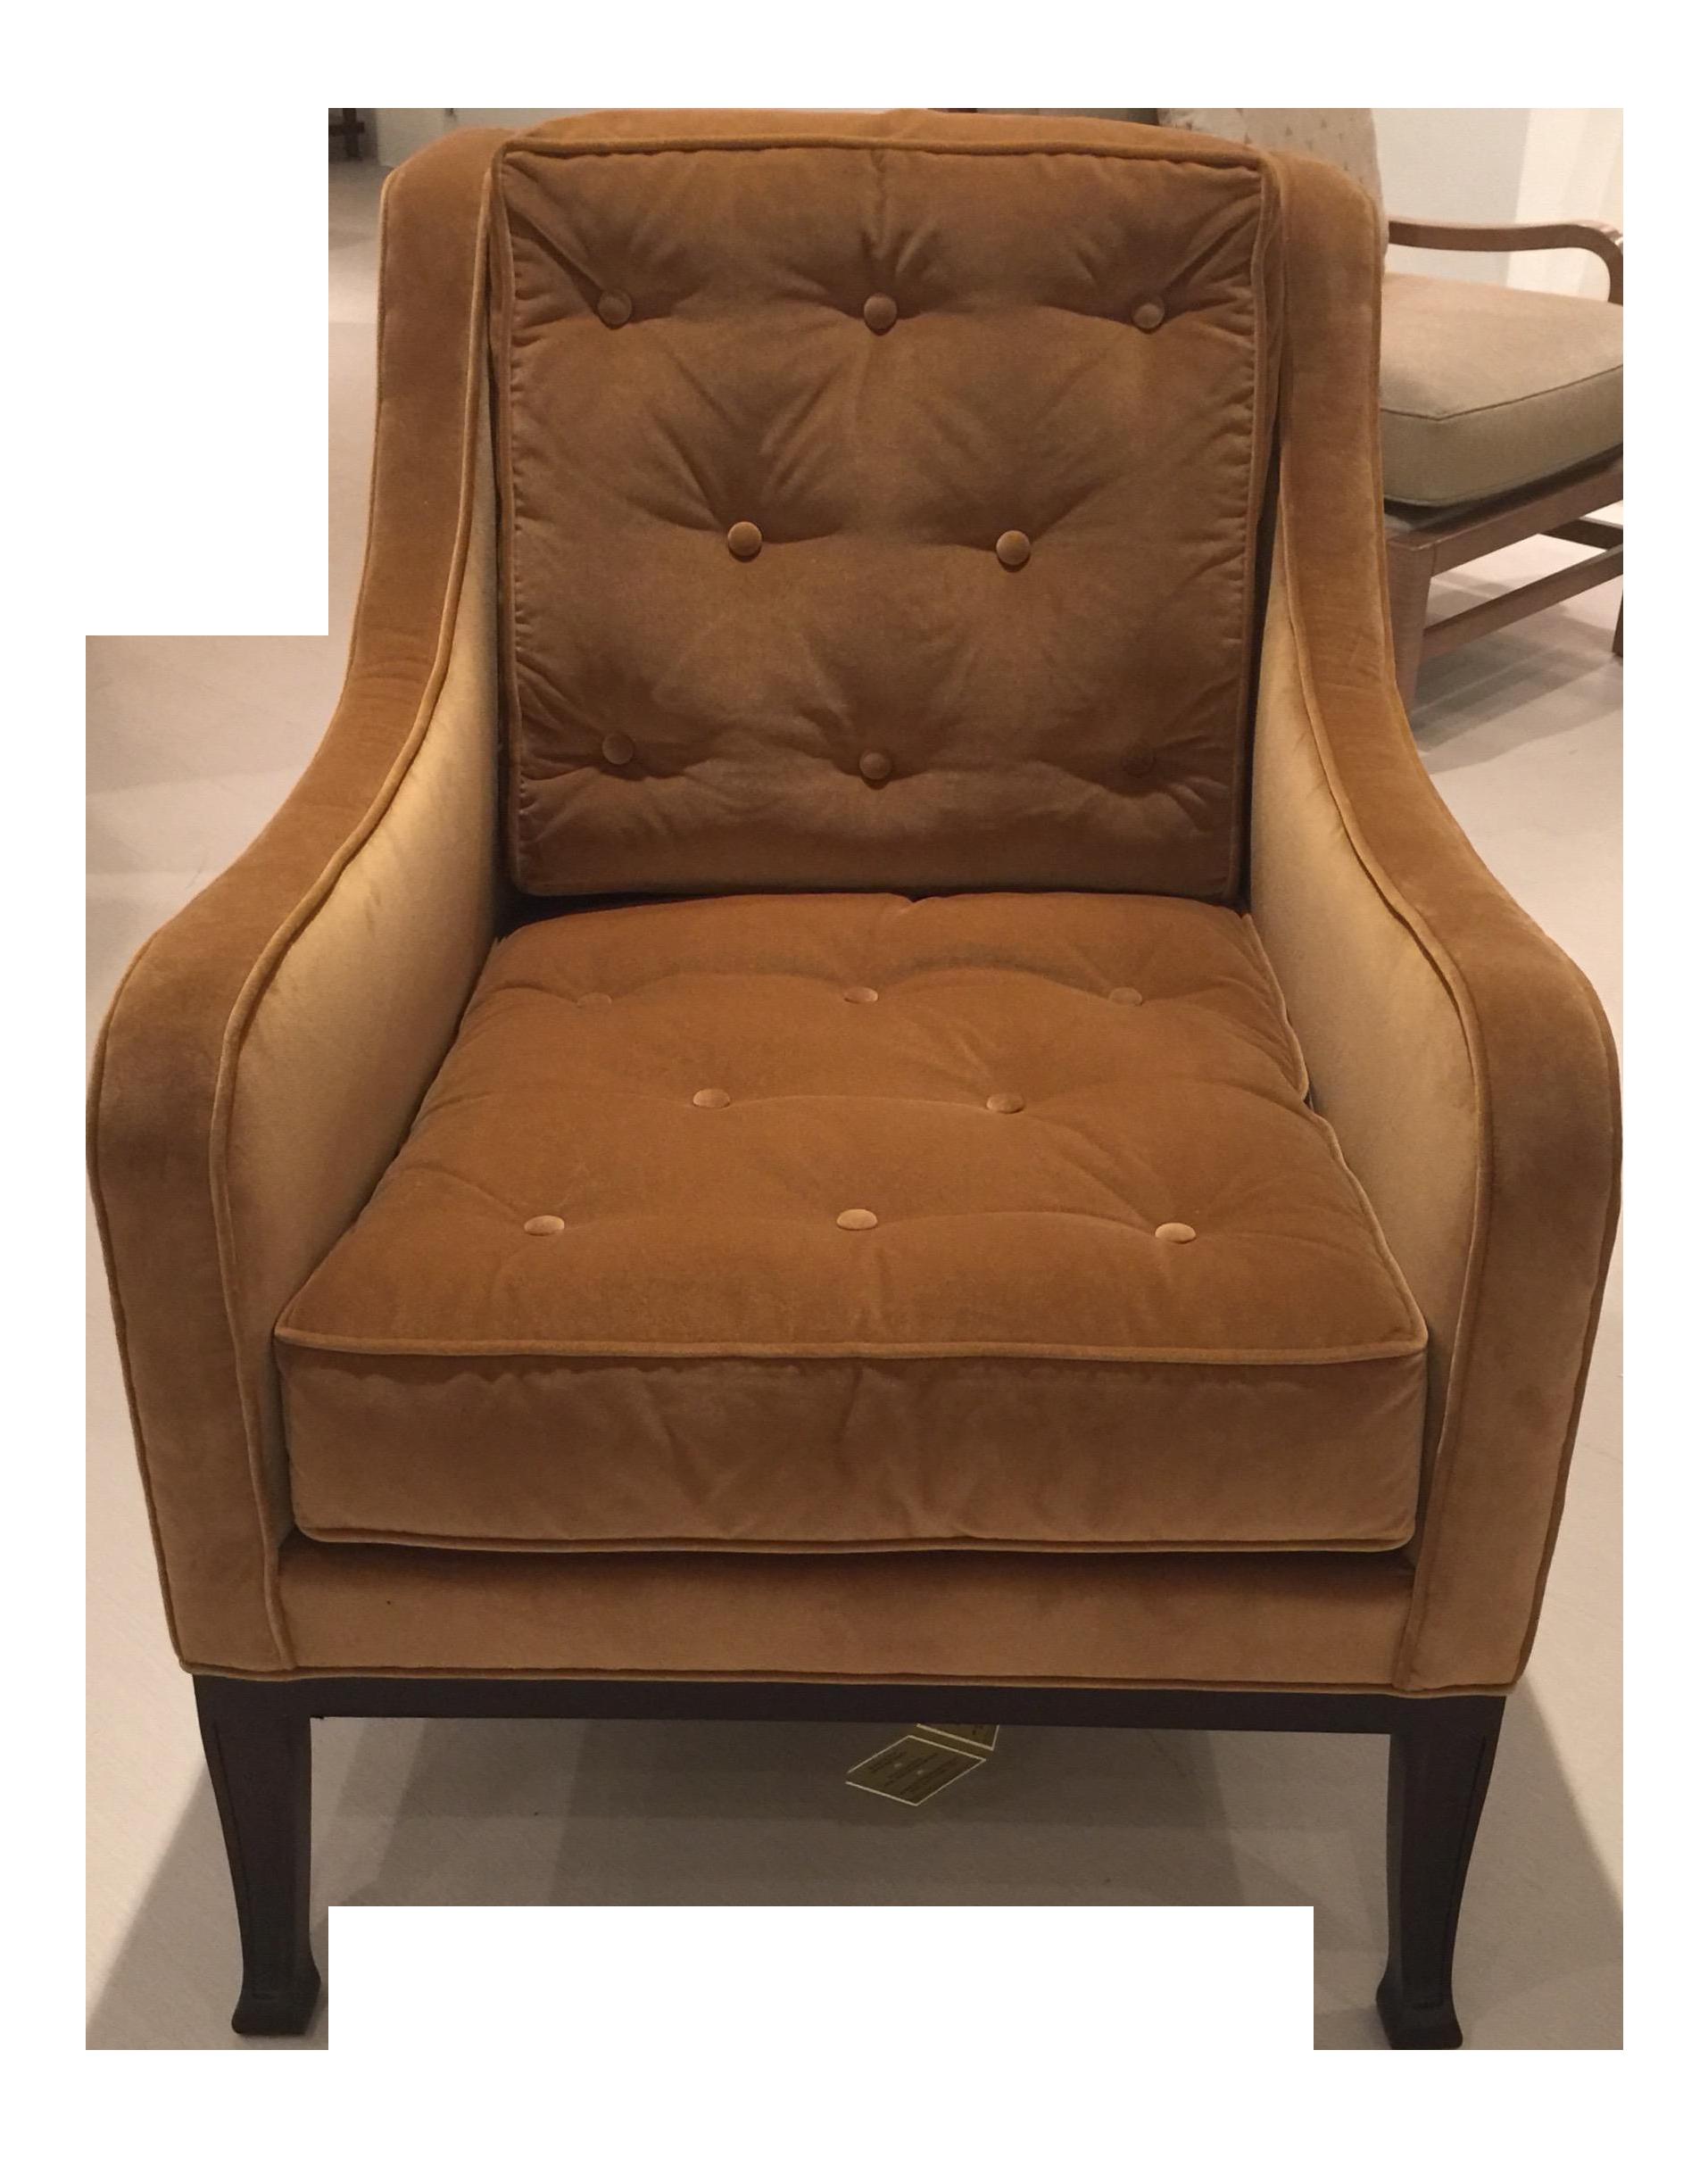 Hickory Chair Beekman Chair | Chairish